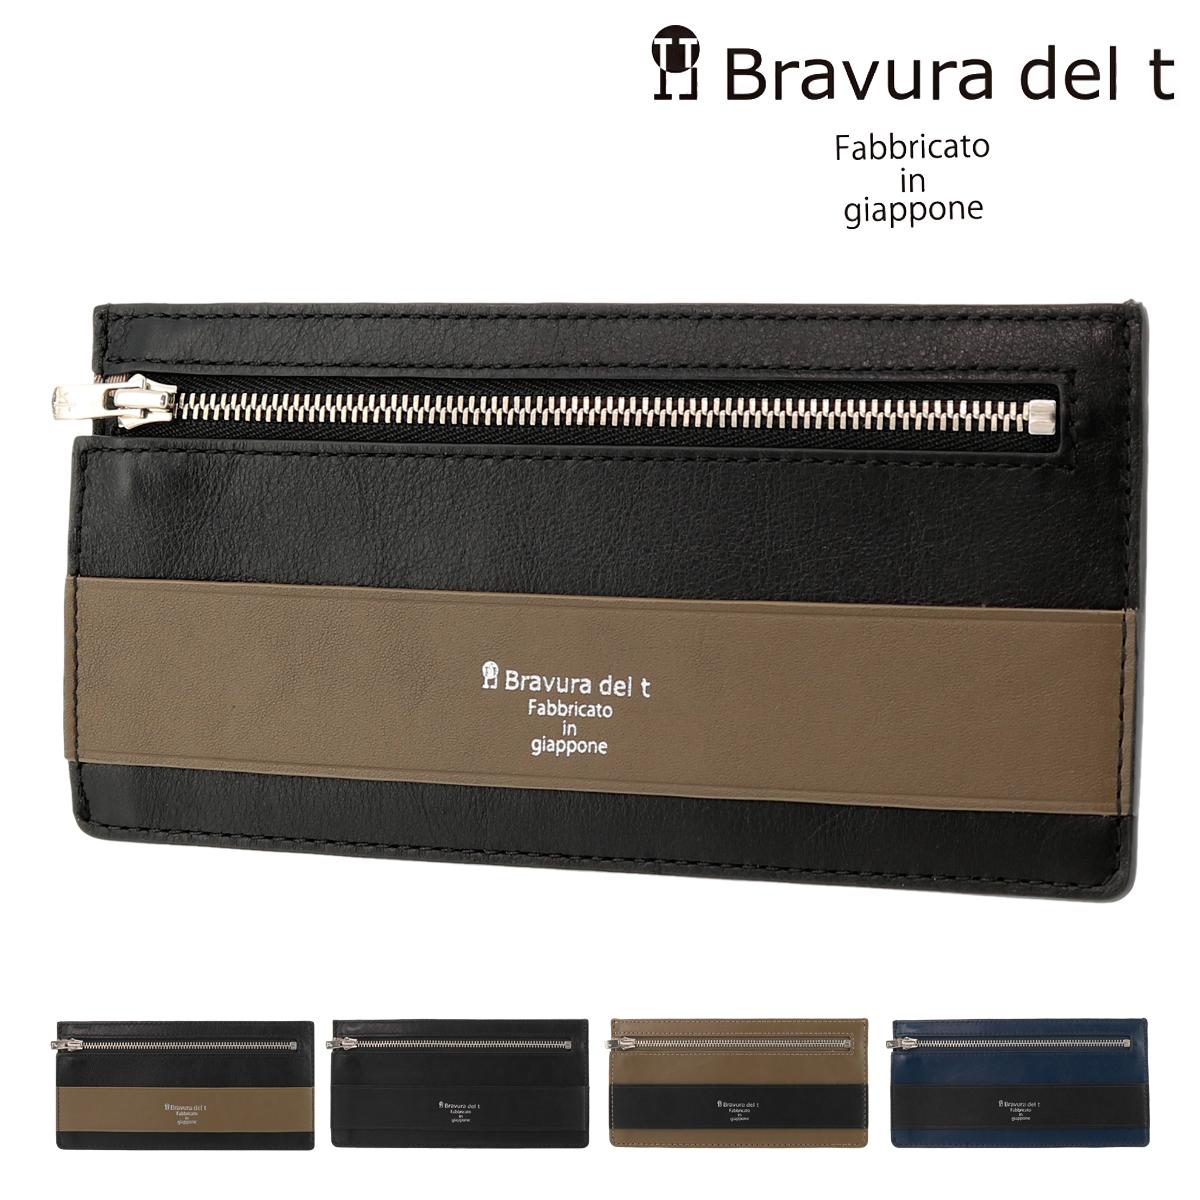 ブラビューラ デルティ 長財布 メンズ 16006 日本製 Bravura del t | 札入れ 薄い 牛革 本革 レザー [即日発送]